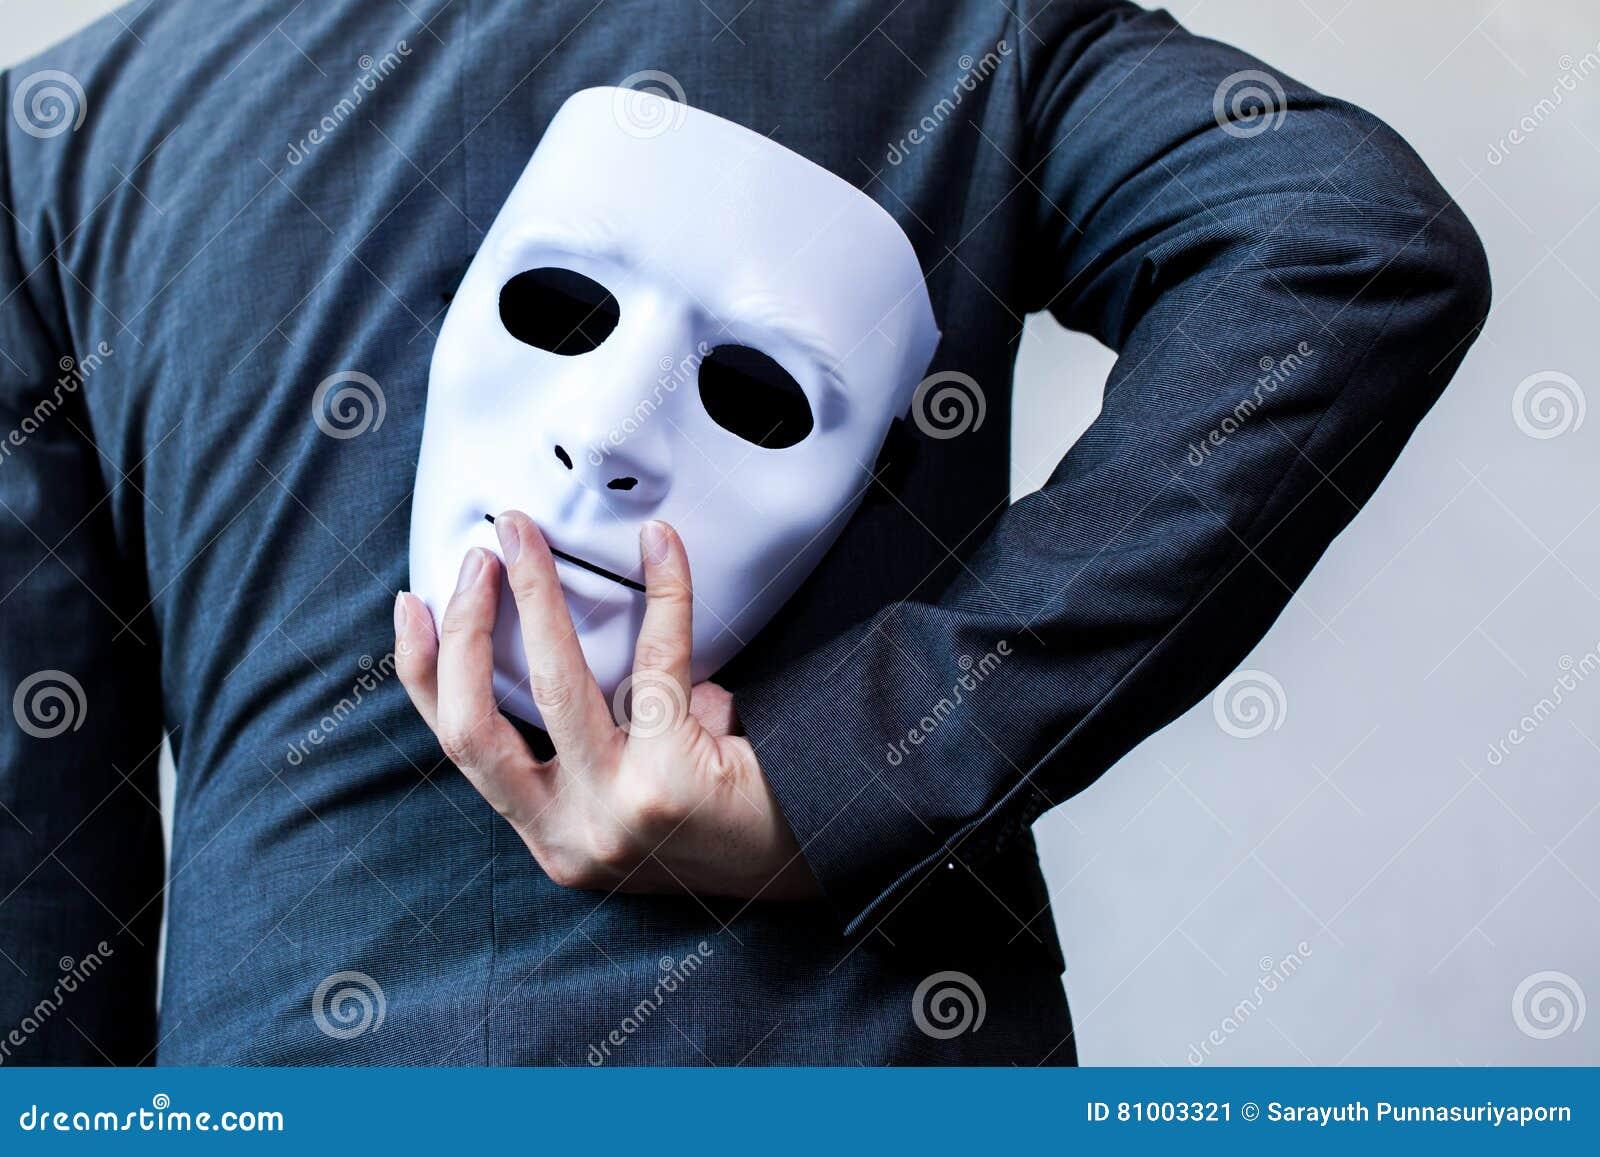 对他的表明企业欺骗和伪造企业合作的身体的商人运载的白色面具